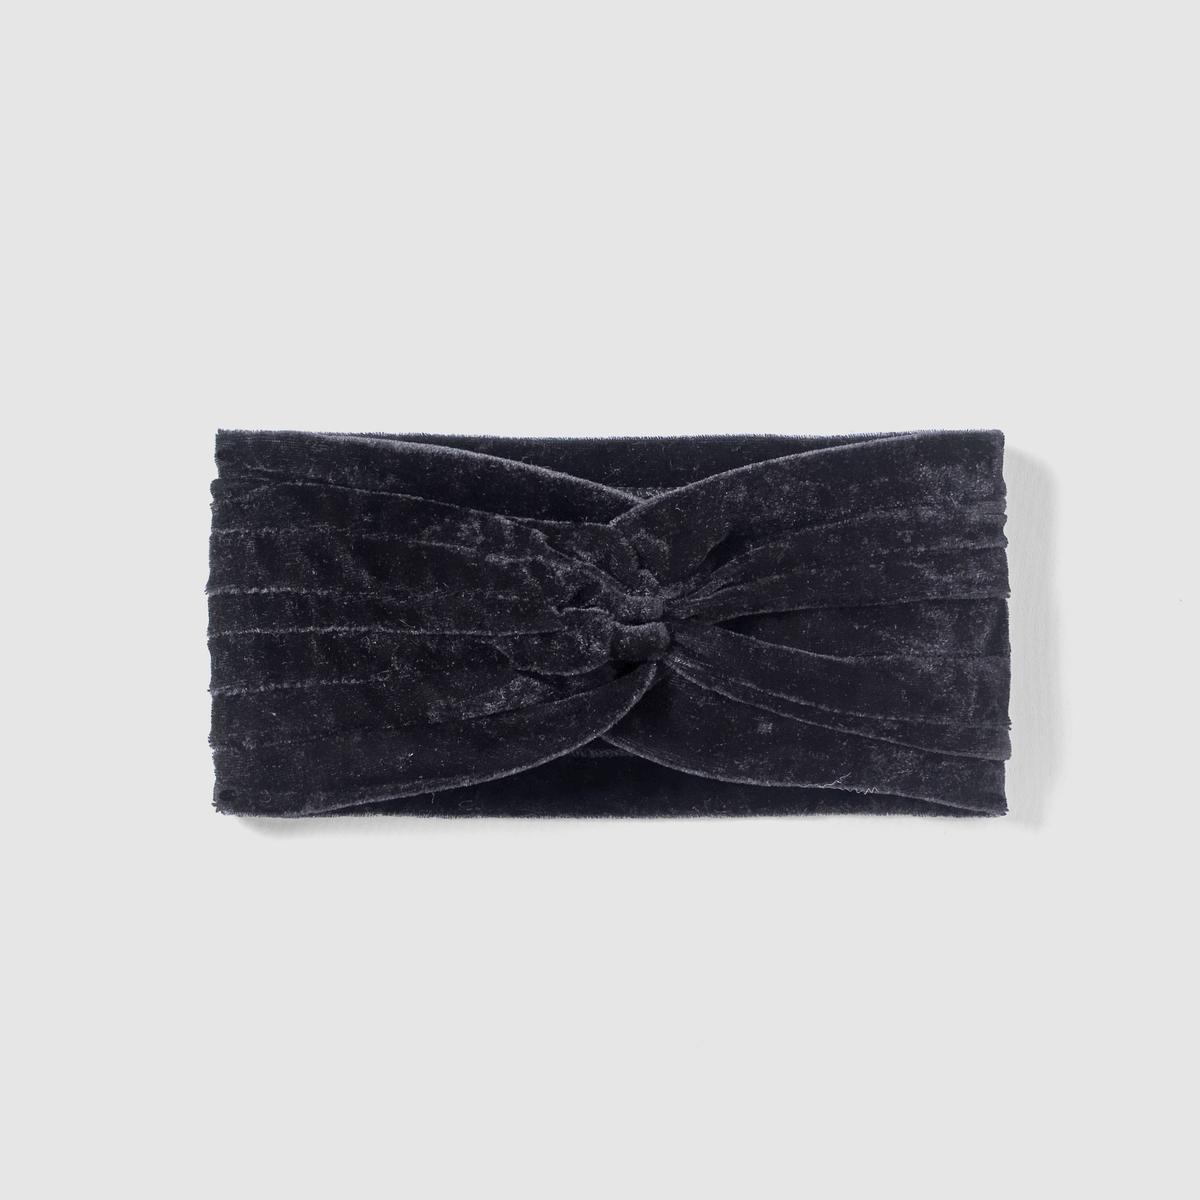 Повязка из велюраМодный аксессуар под велюр, женственный и изысканный в любое время года .<br><br>Цвет: черный<br>Размер: единый размер